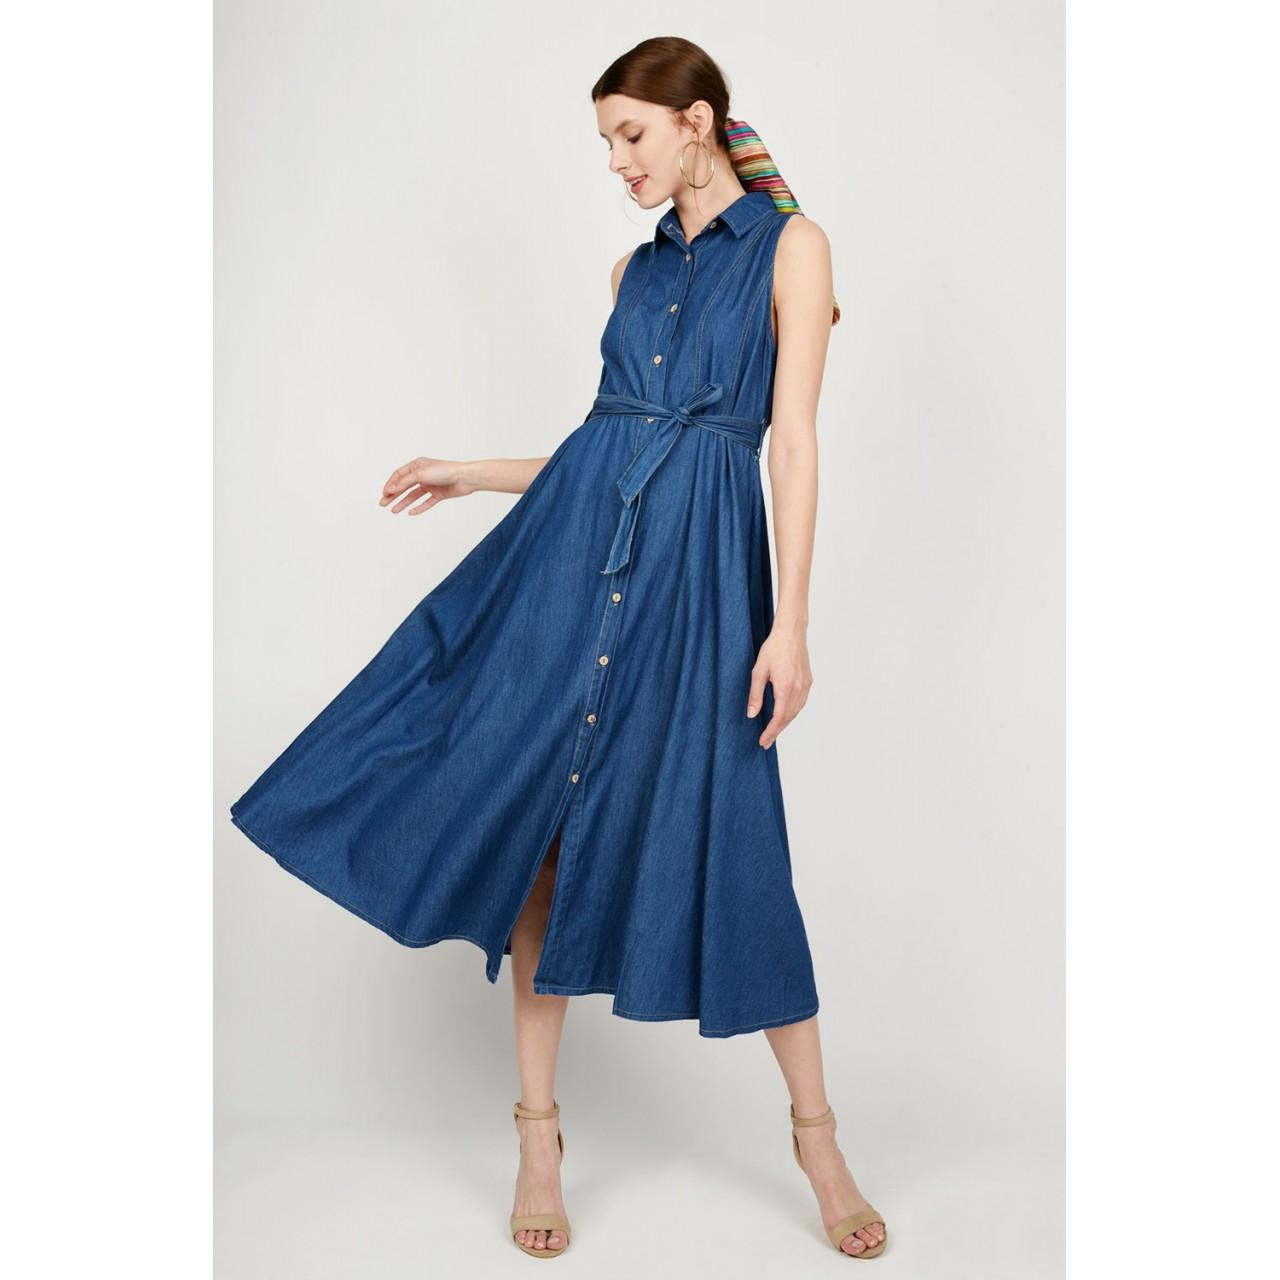 ca1fc2f6994e Φόρεμα jean midi με κουμπιά